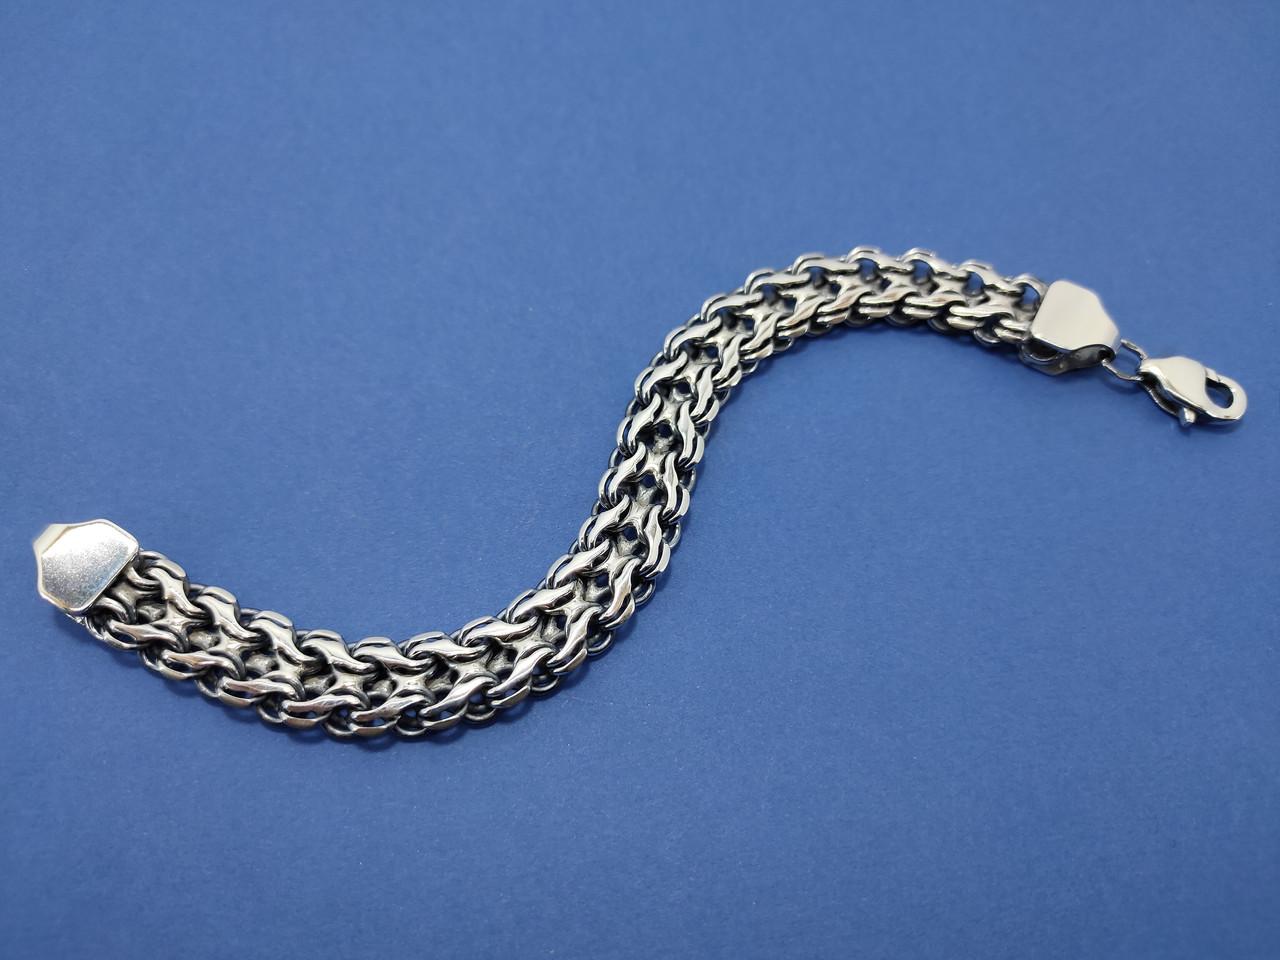 Срібний браслет подвійний струмочок, 20 см., 49 гр.